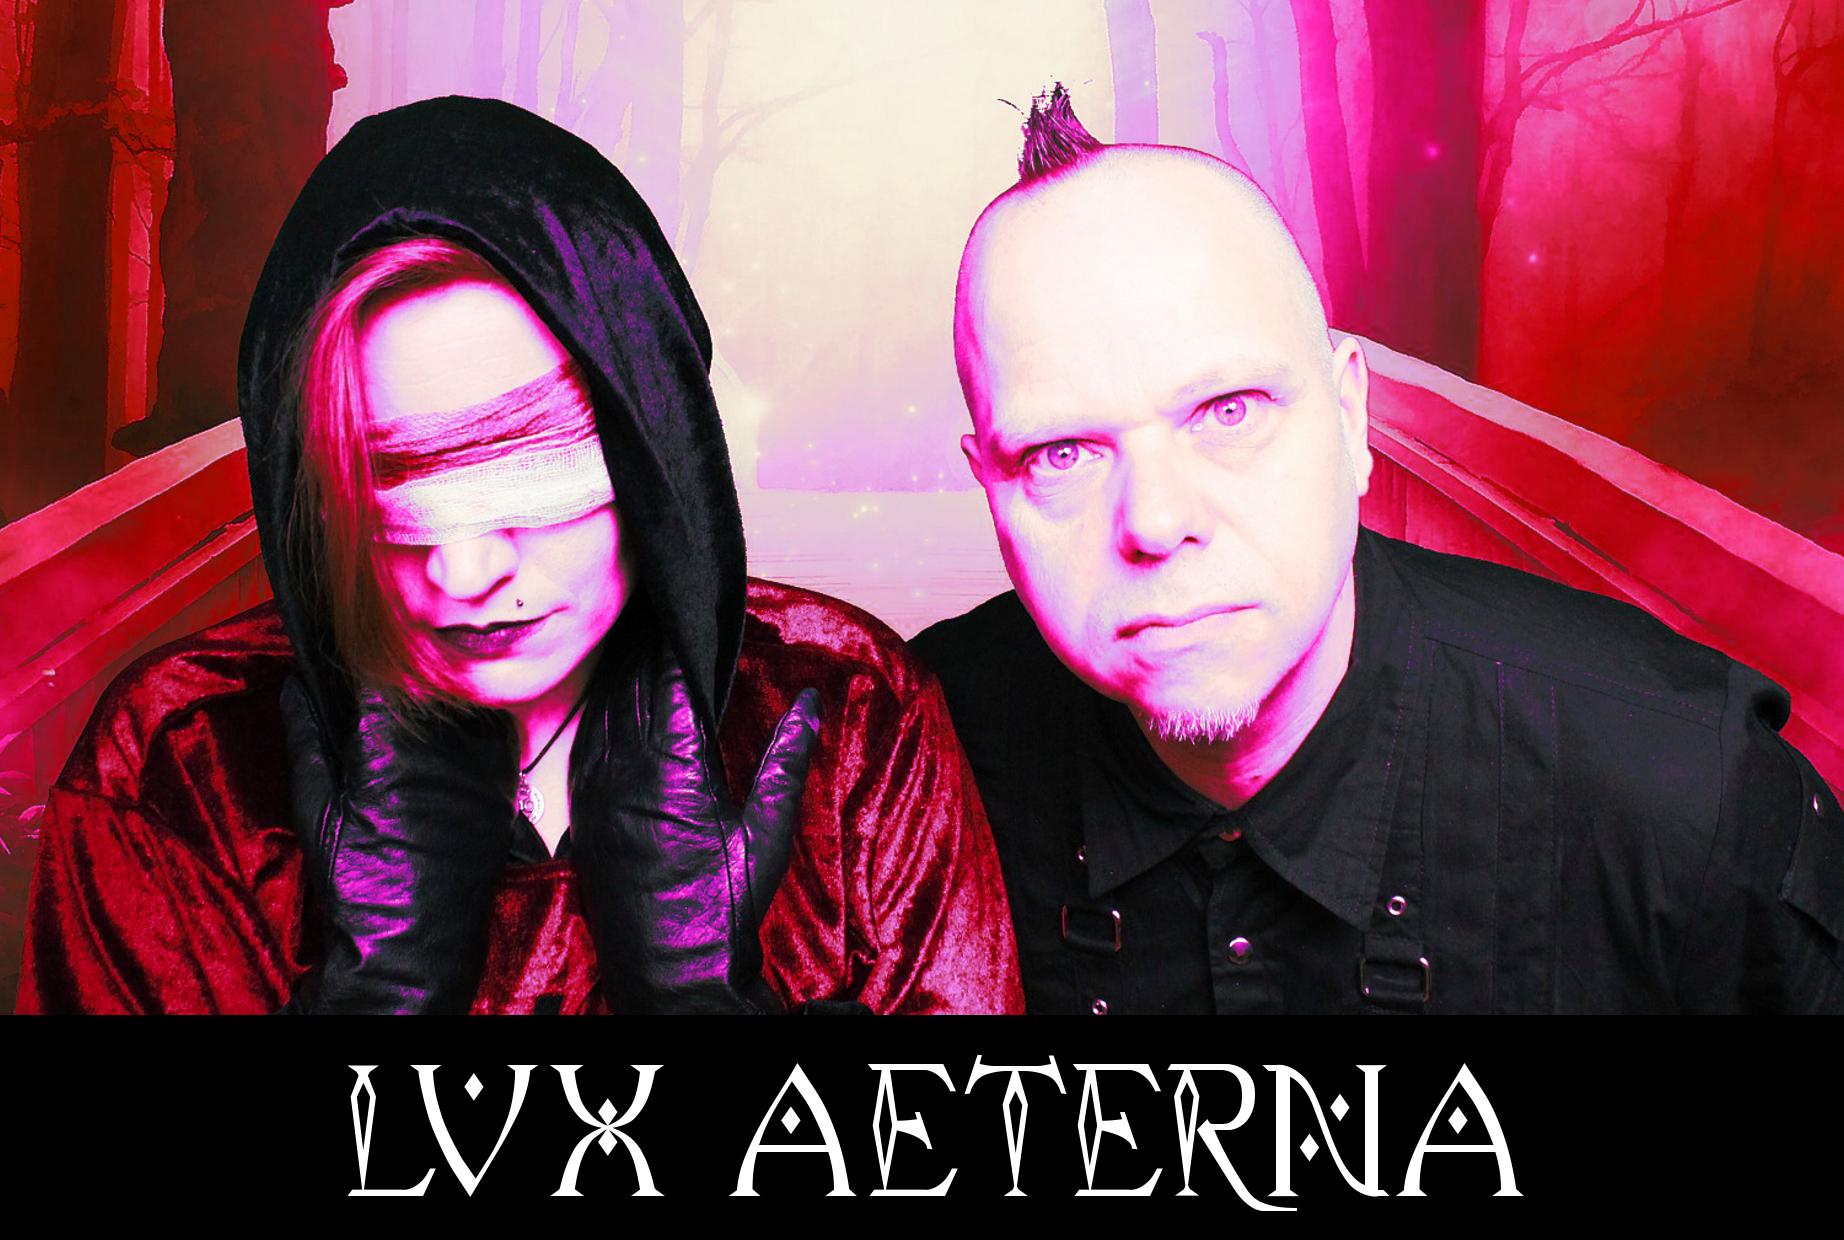 LVX AETERNA